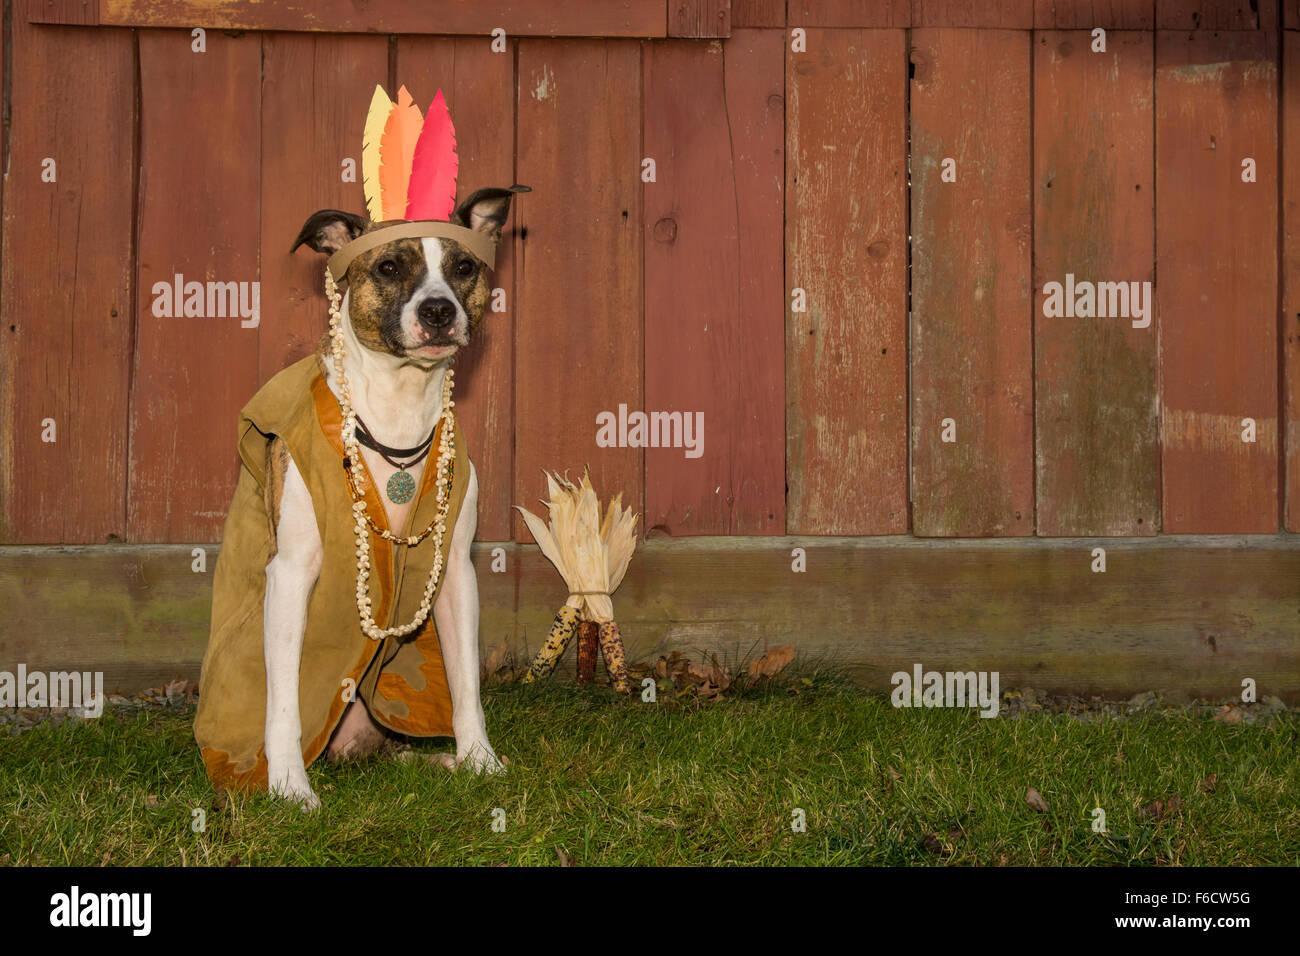 Thanksgiving Dog - Stock Image